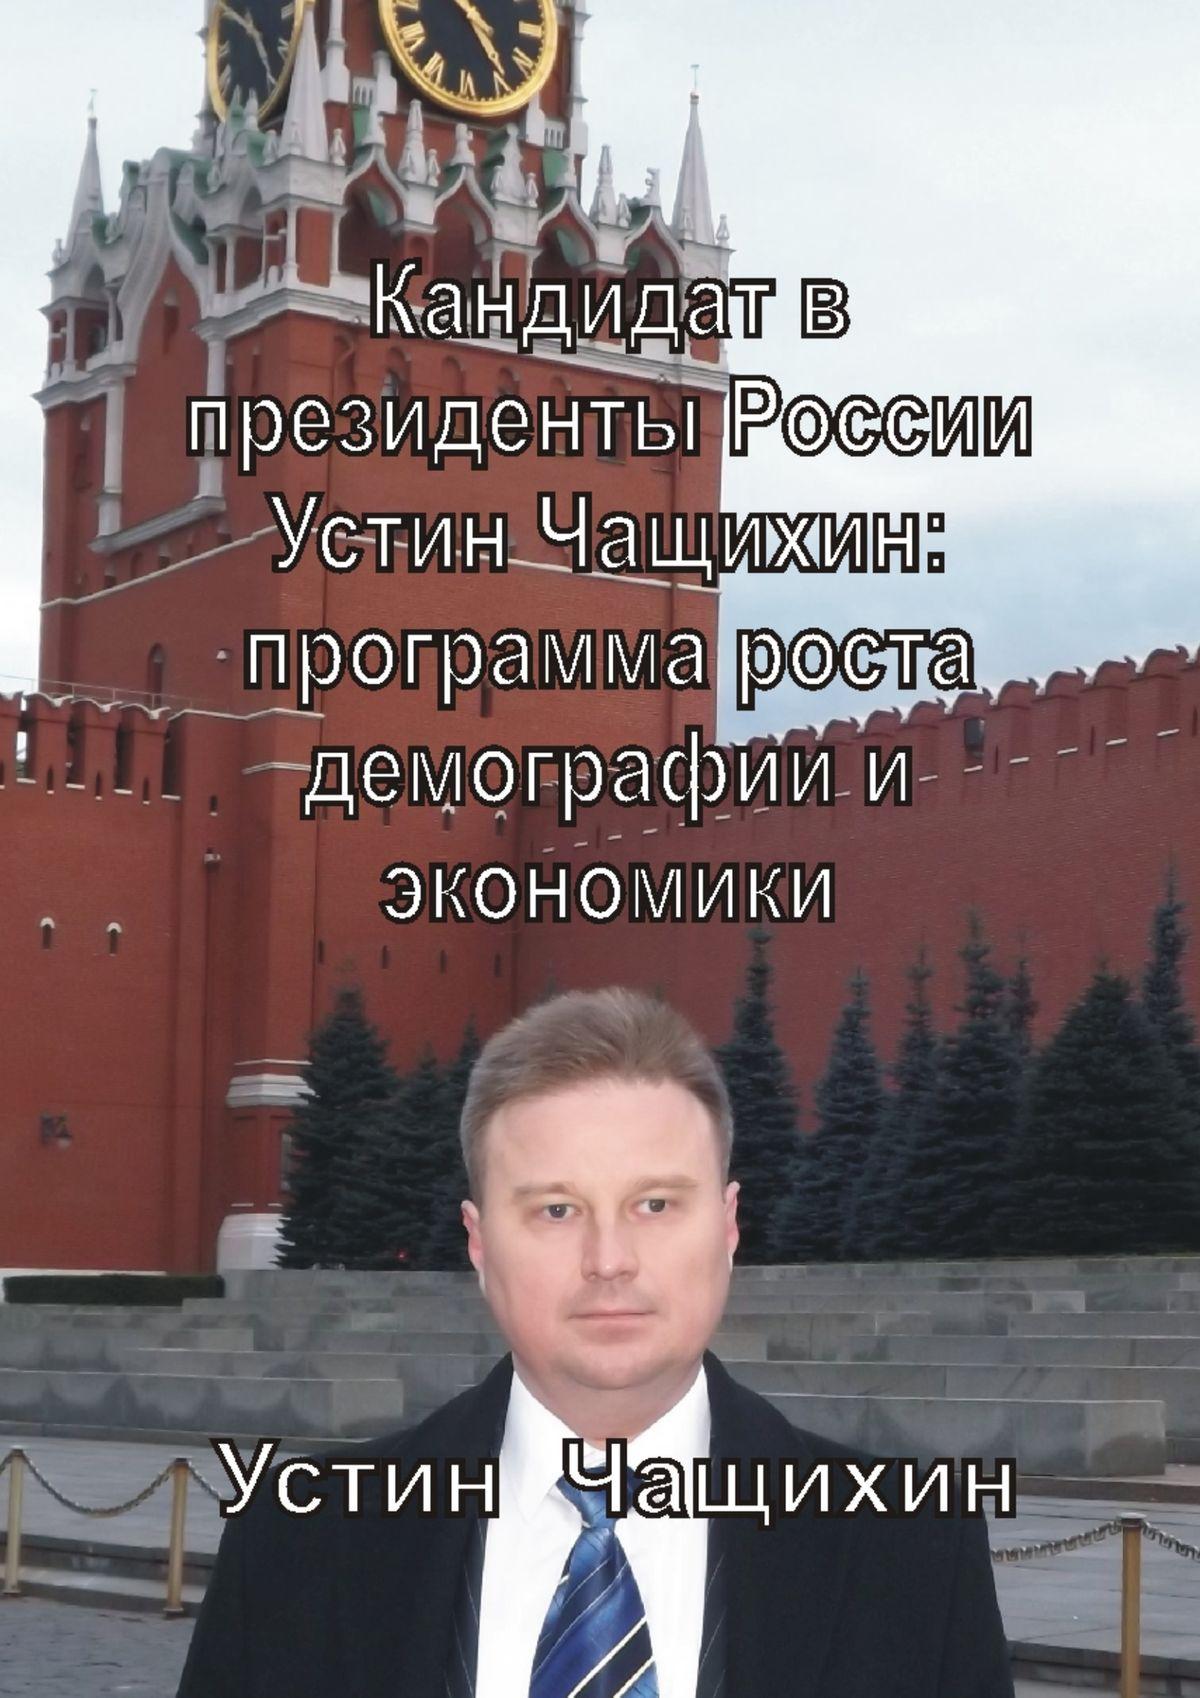 Кандидат в президенты России Устин Чащихин: программа роста демографии и экономики